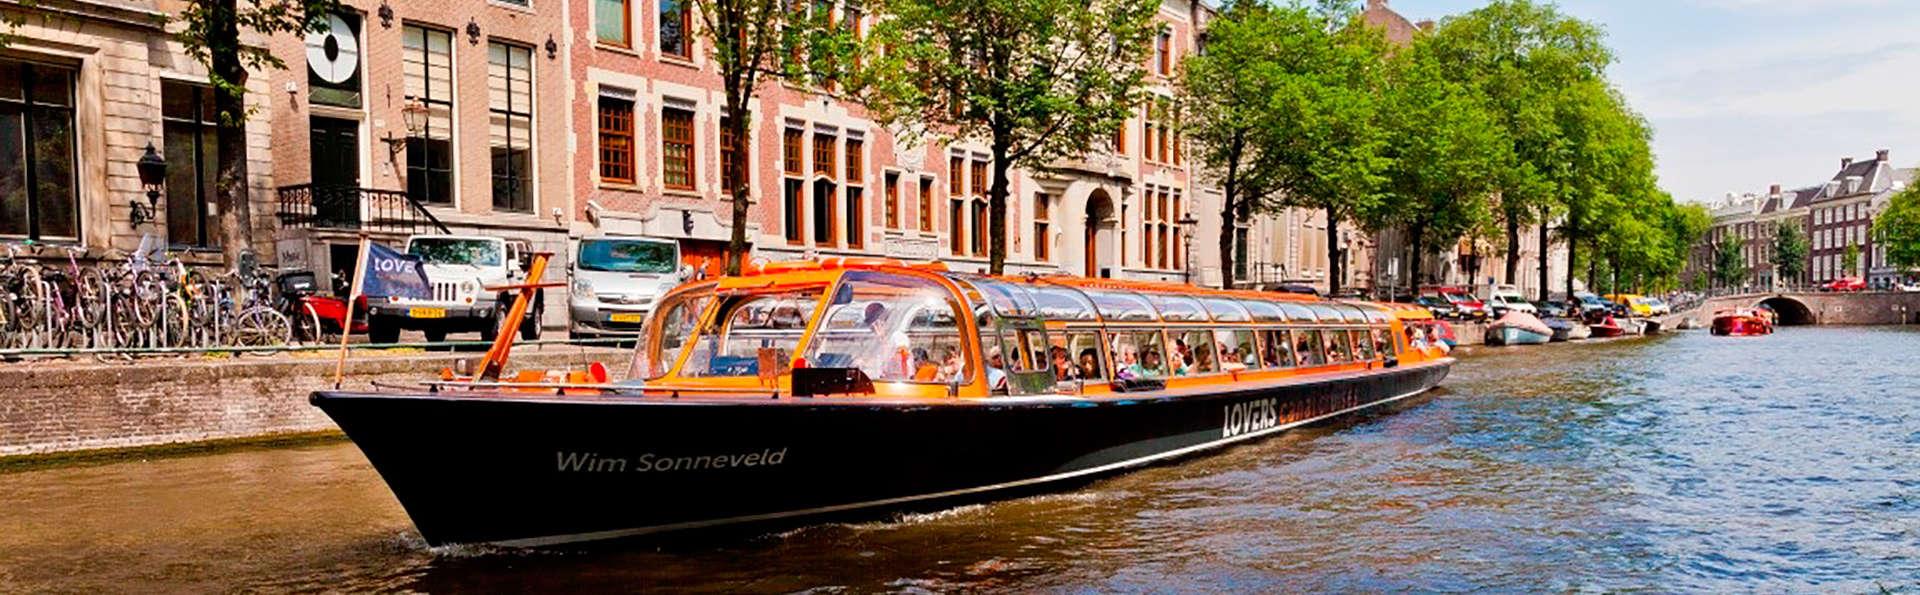 Escapada a Ámsterdam con paseo en barco y acceso al spa